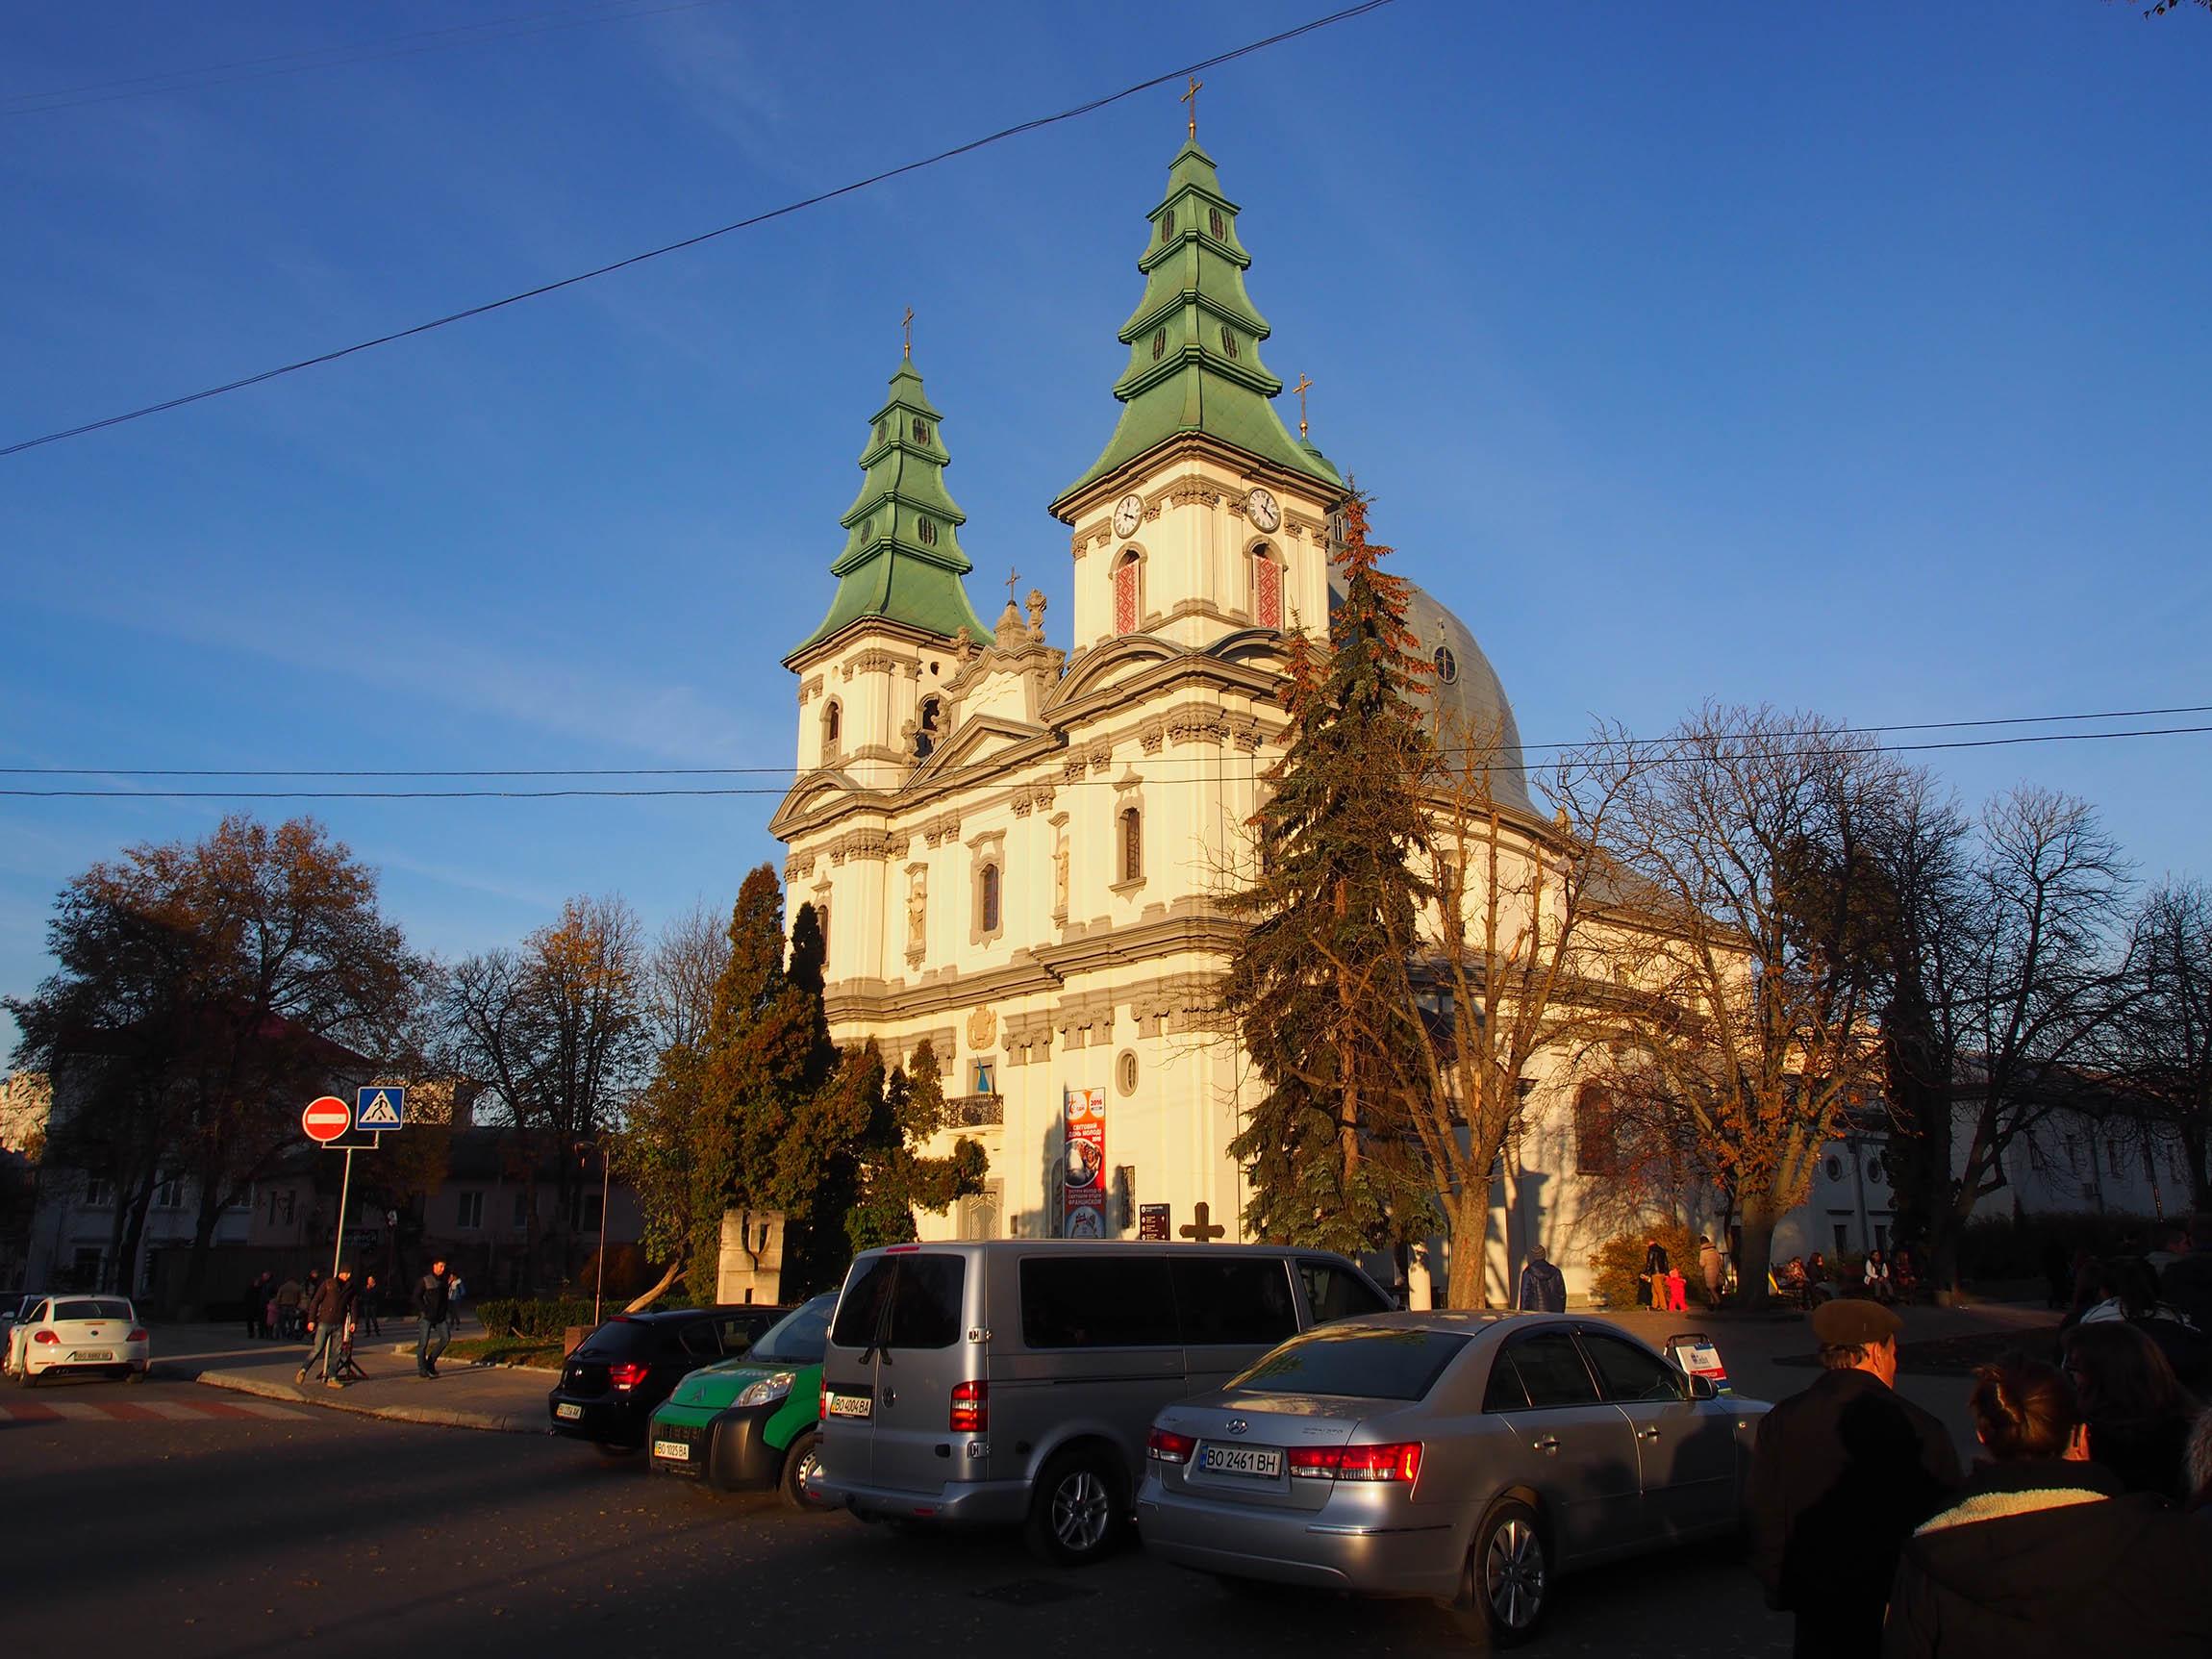 Die Katholische Kirche in der Stadtmitte, sie wurde von sowjetischer Repression nur bedingt getroffen.